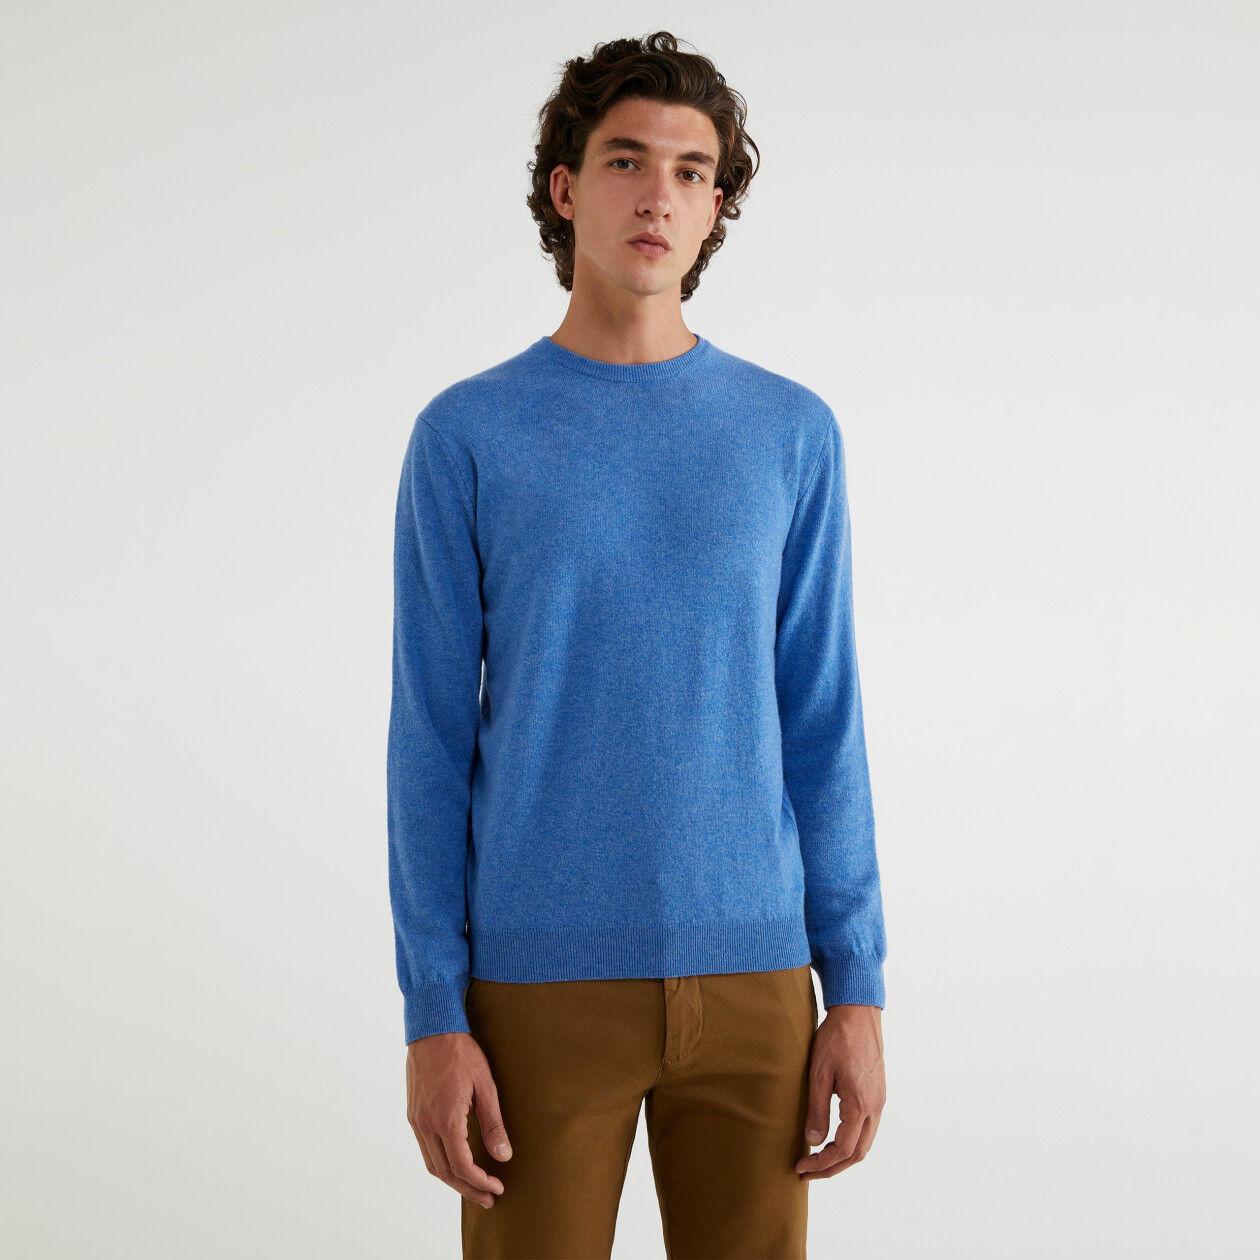 Jersey de cuello redondo de 100 % lana virgen